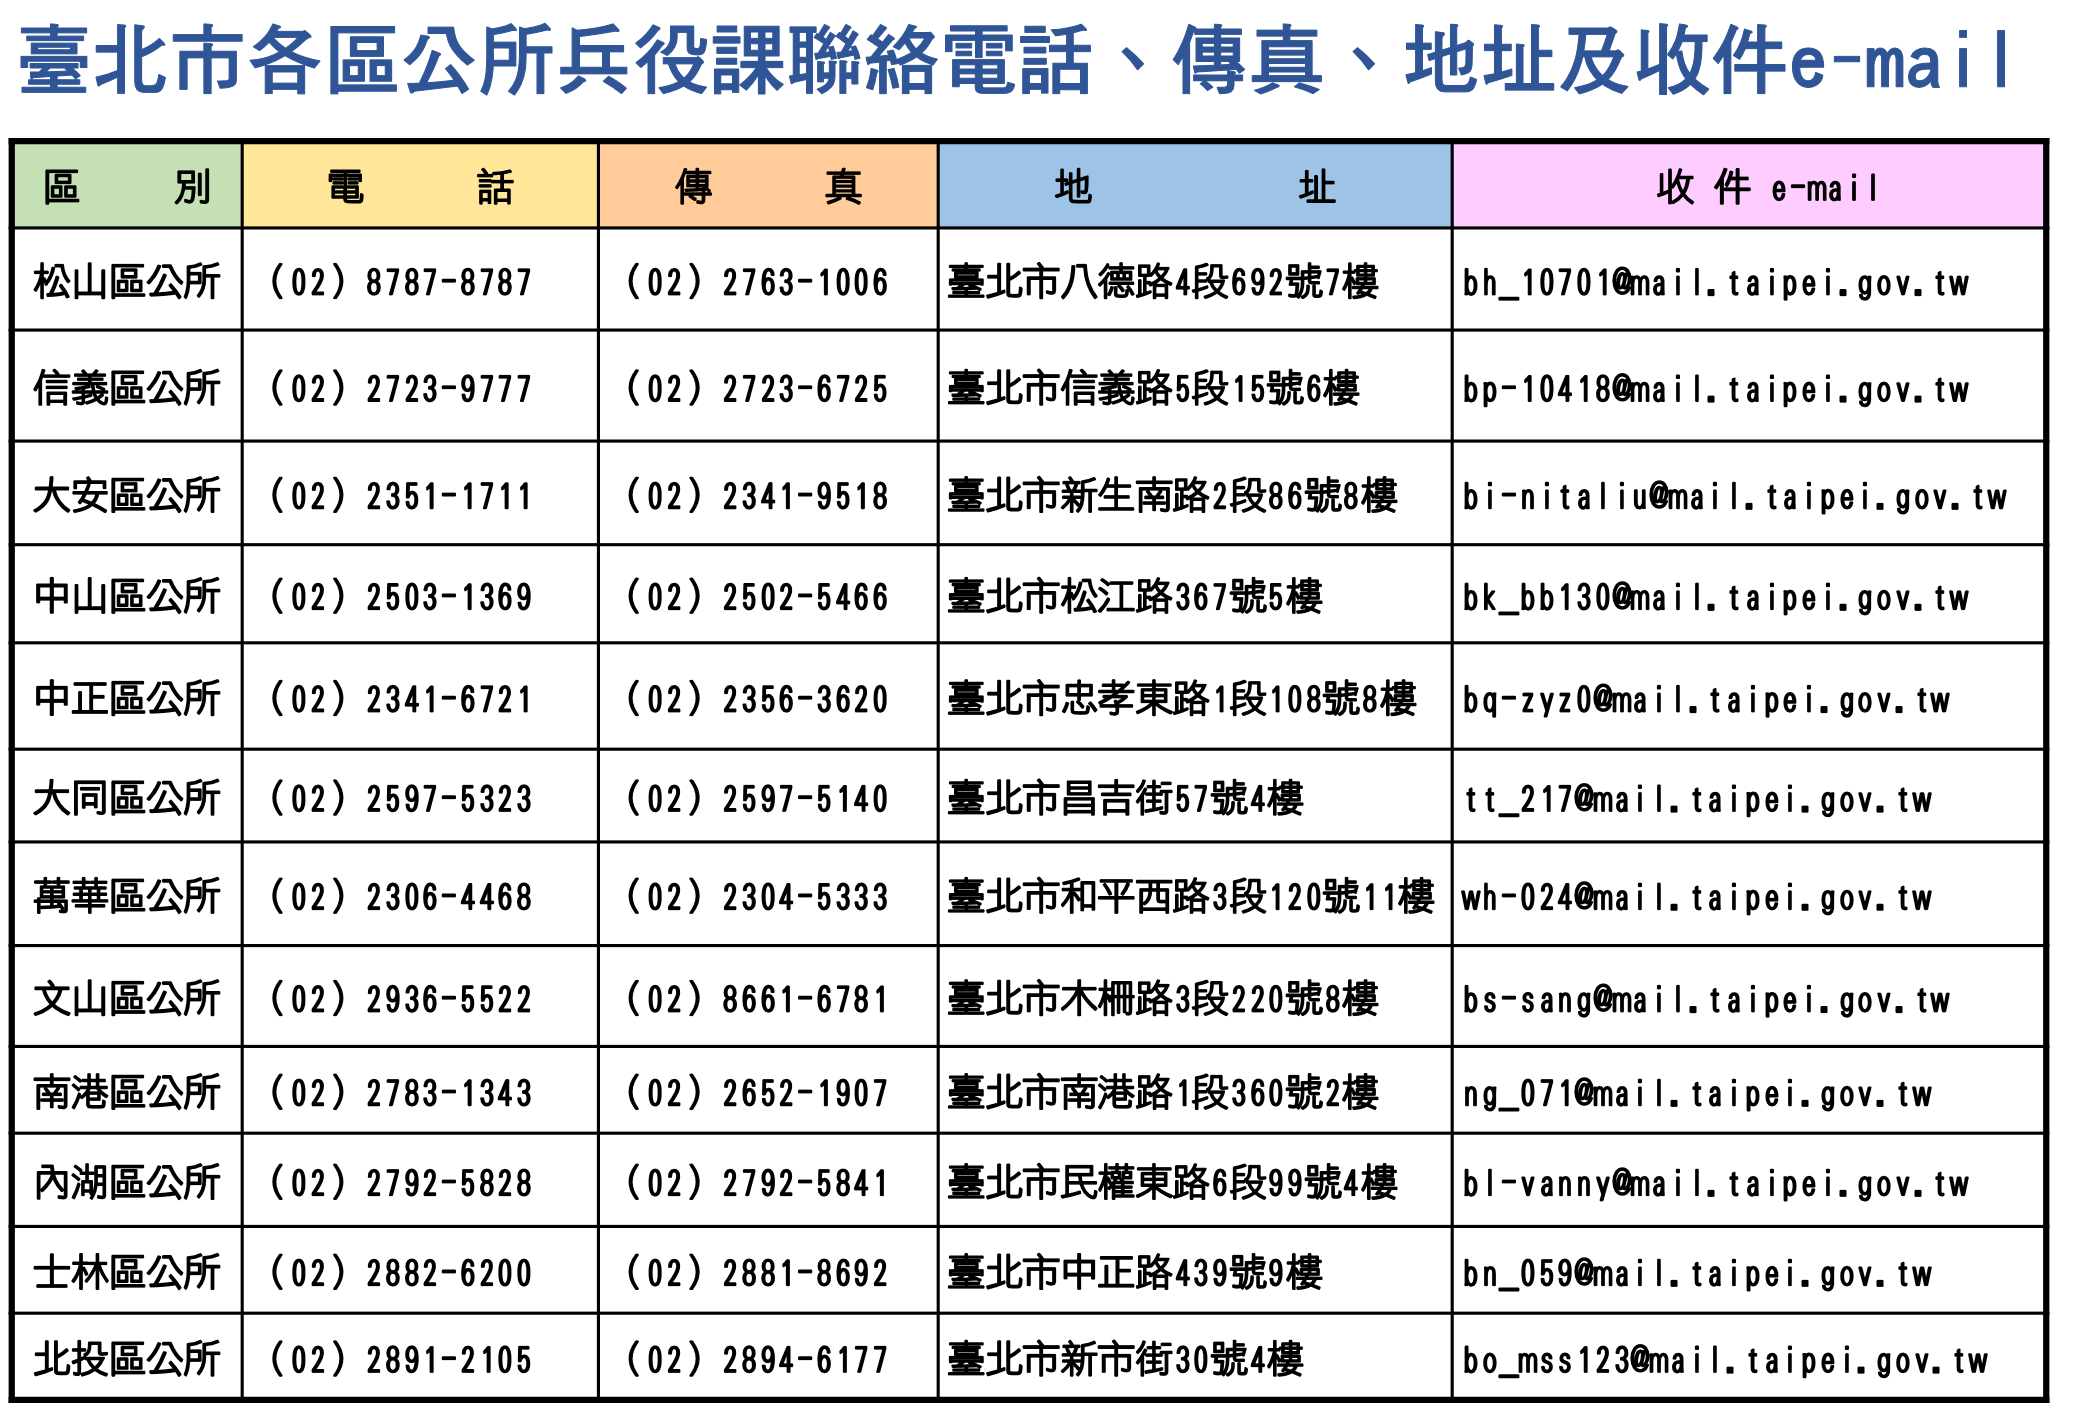 臺北市各區公所兵役課聯絡資訊